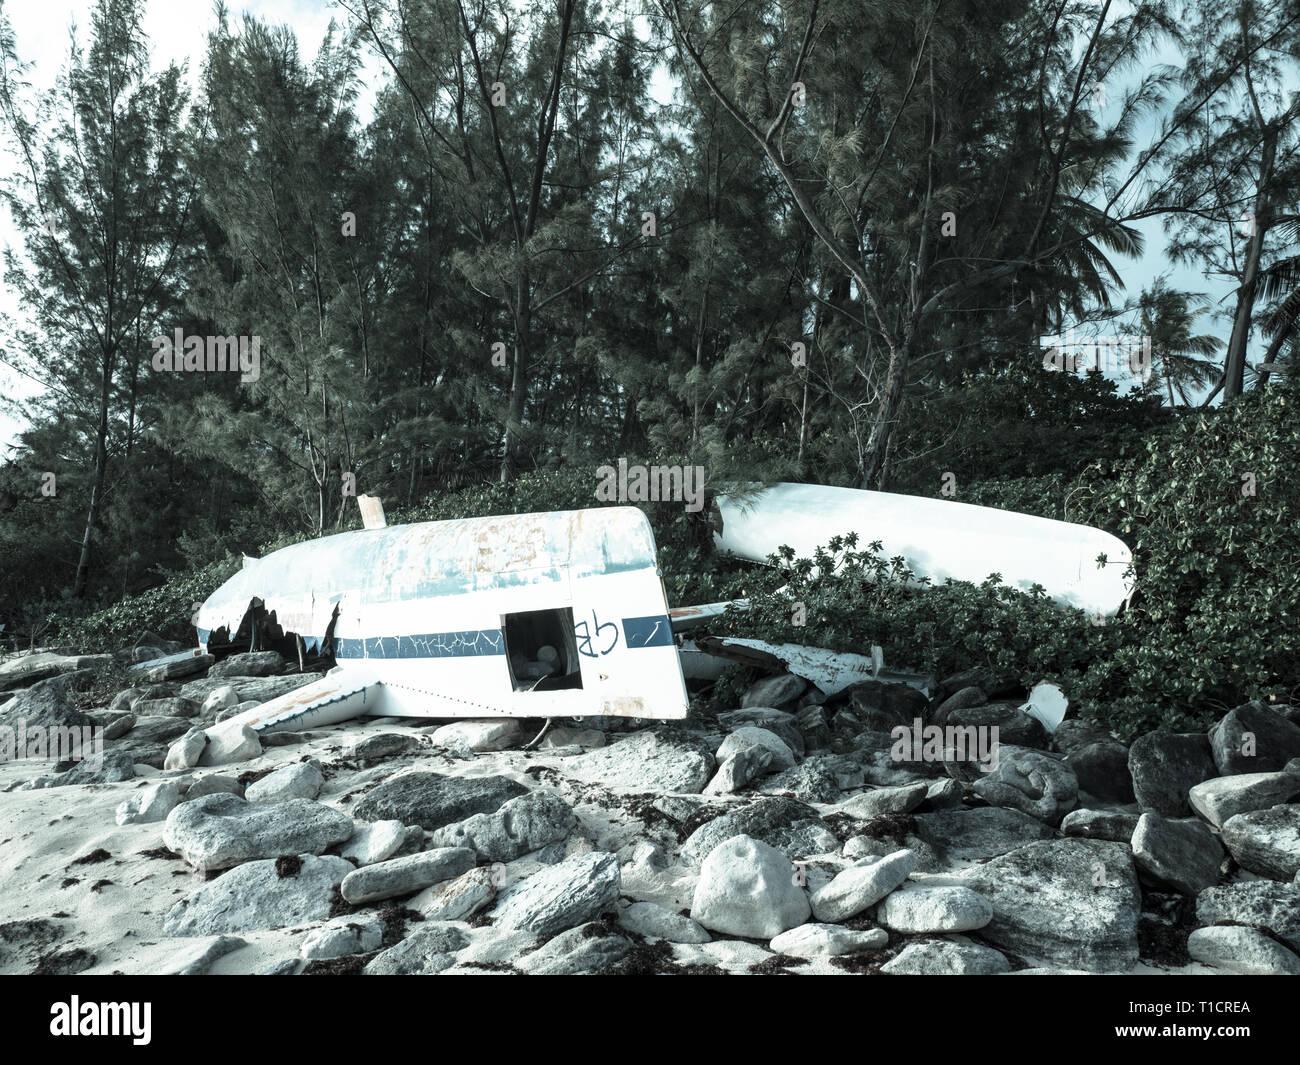 Paisaje de catamarán dañado, la costa atlántica, los gobernadores Harbour Eleuthera, las Bahamas, El Caribe. Foto de stock